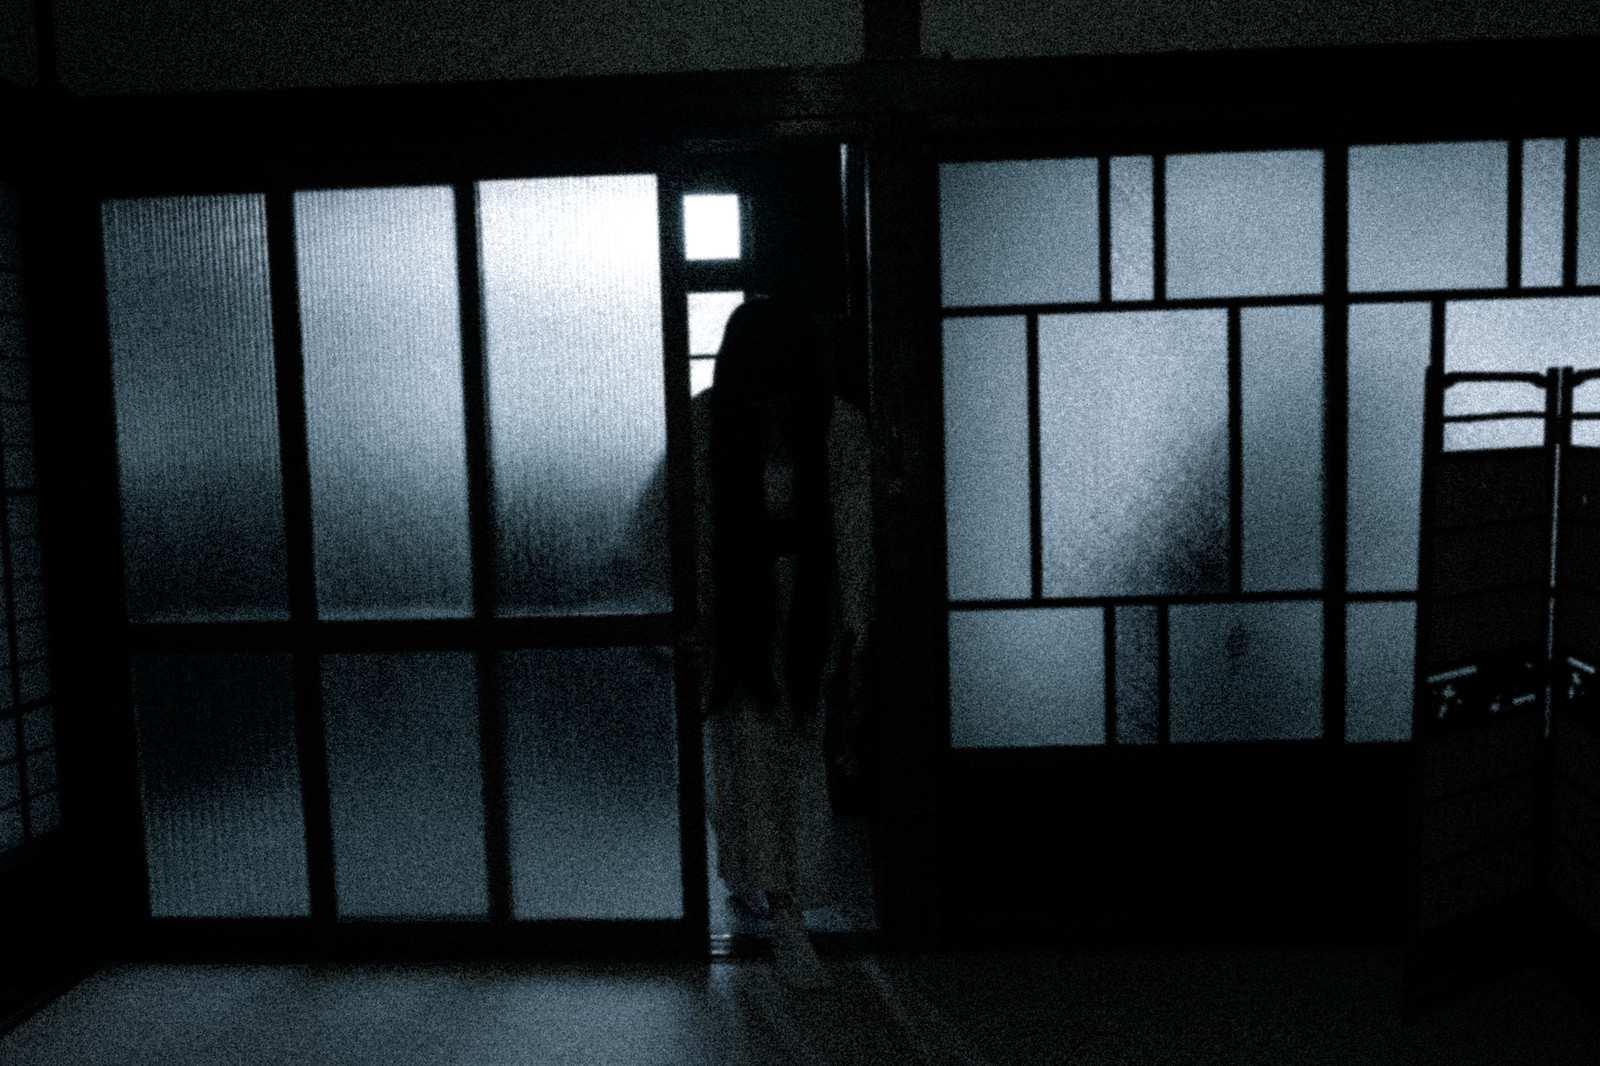 『部屋の中で見られてる』|【狂気】人間の本当にあった怖い話